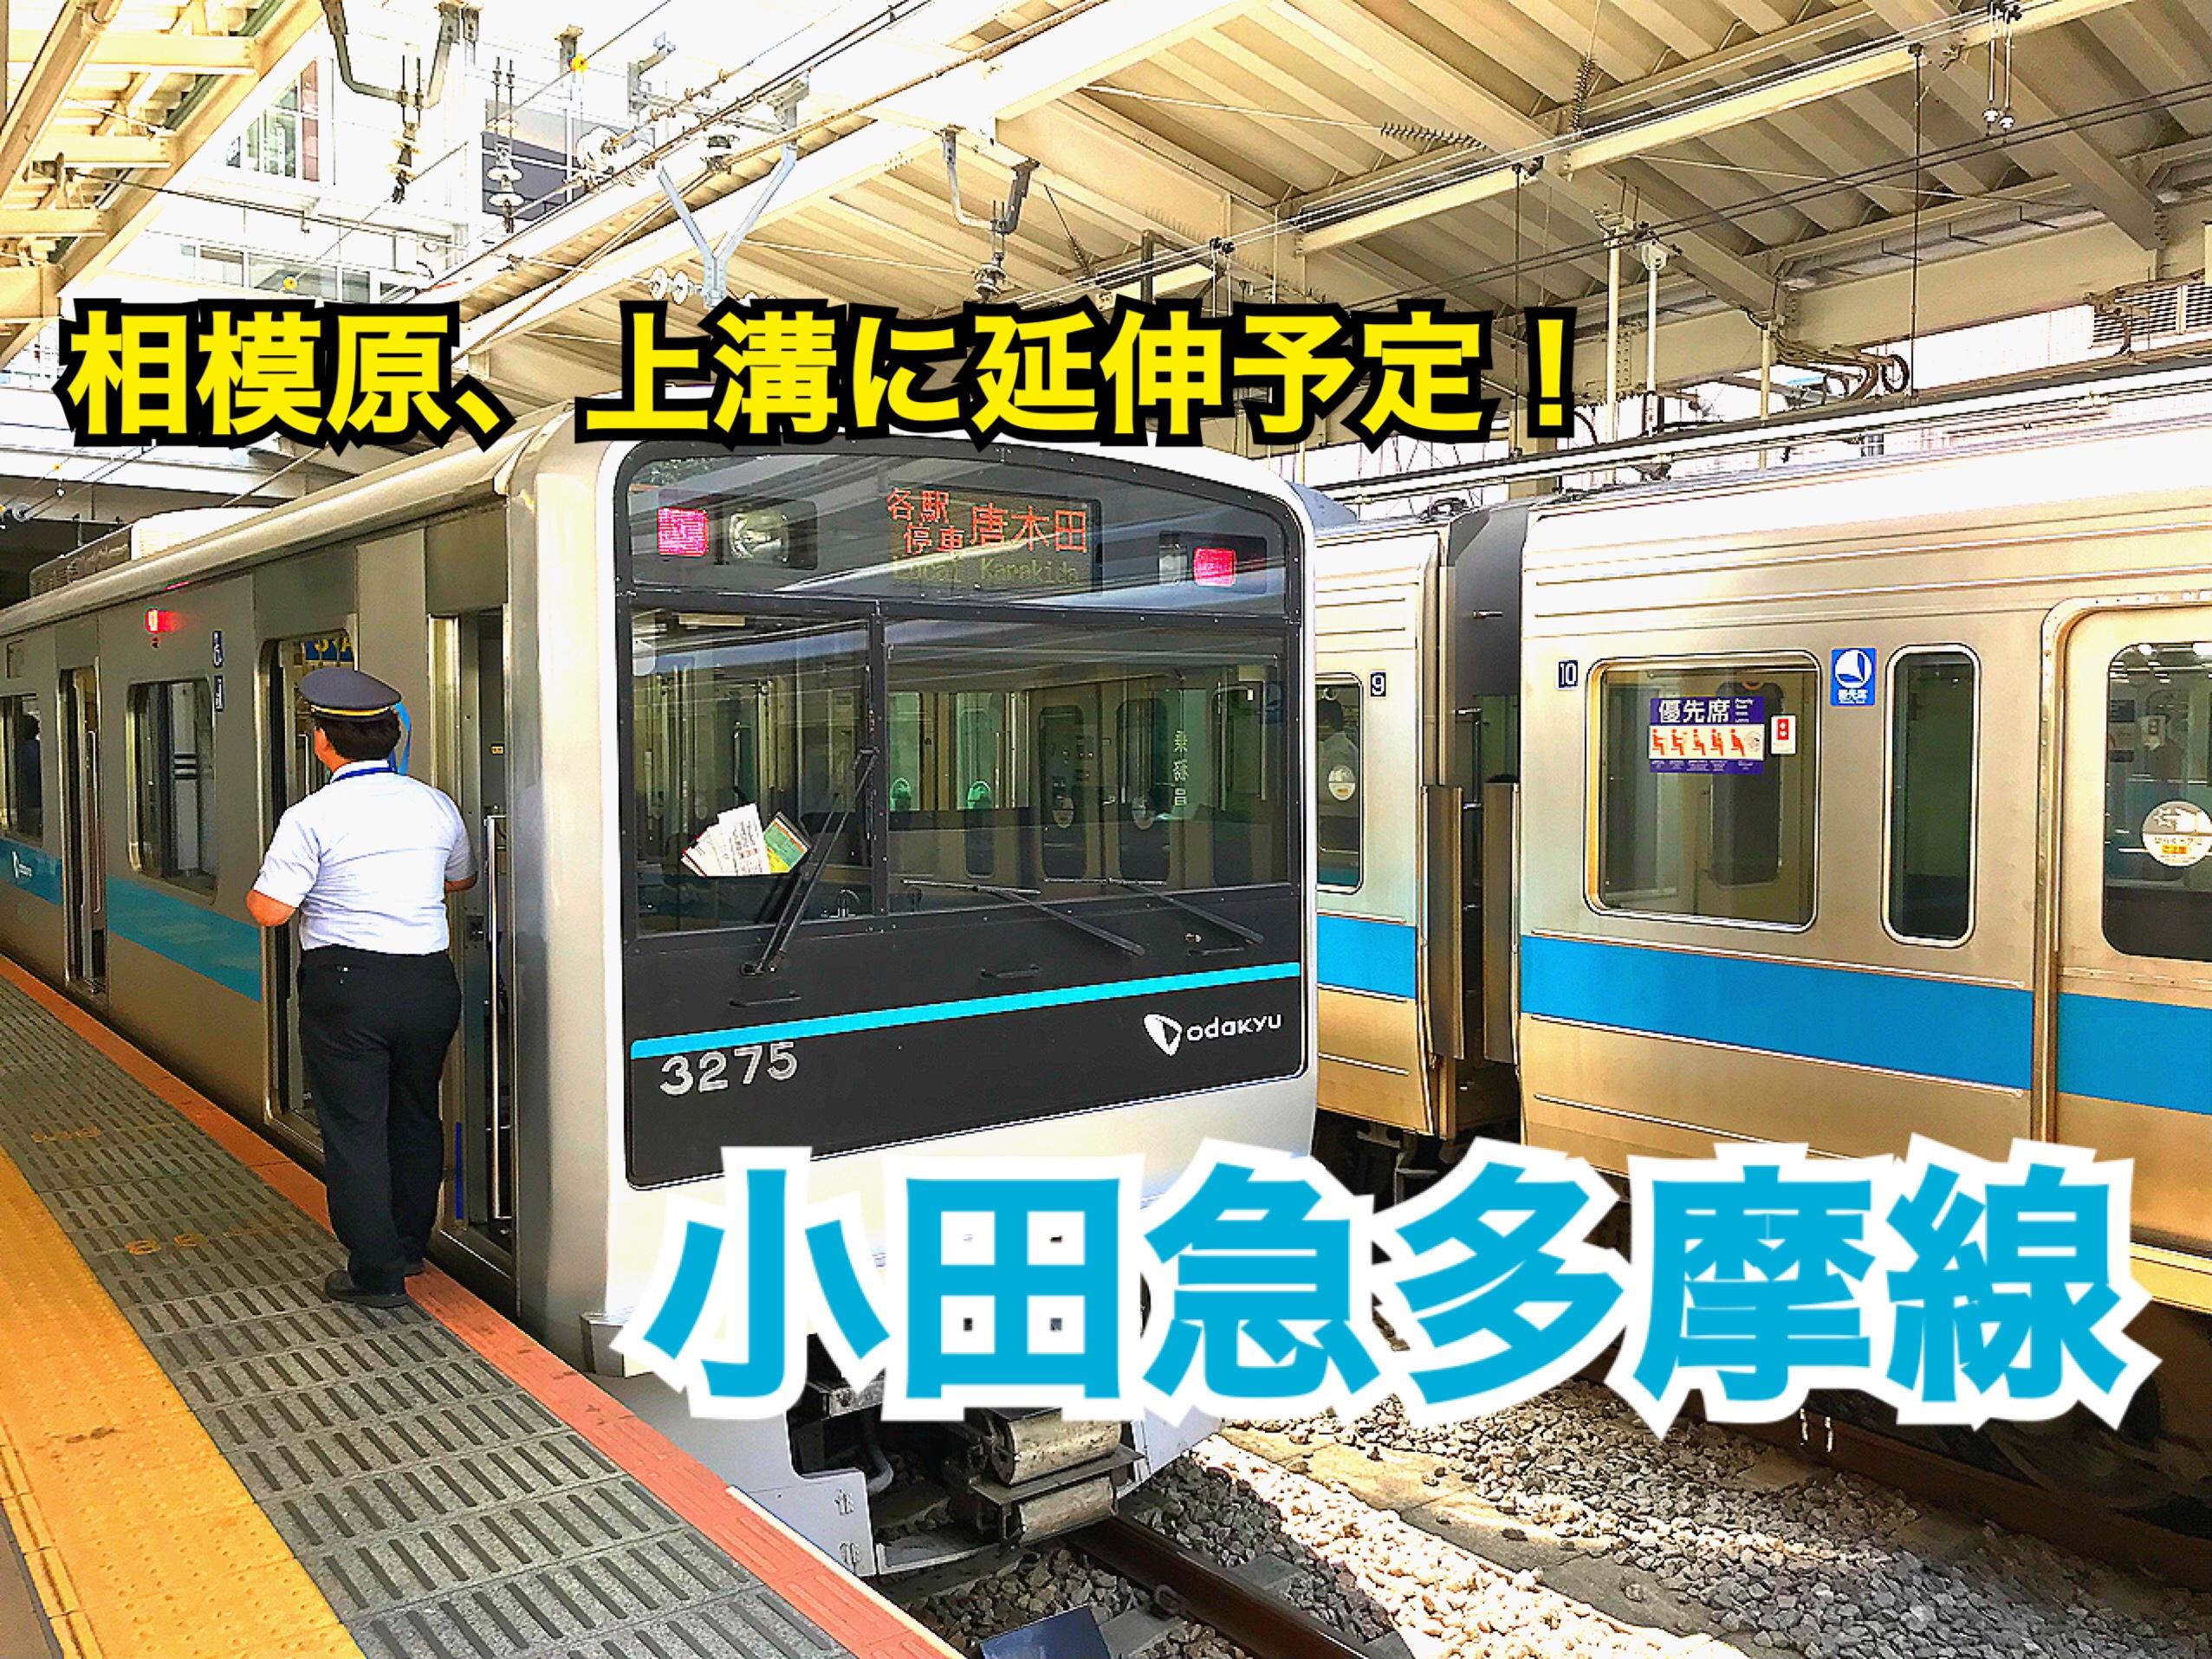 【延伸予定あり!】小田急で1番新しい小田急多摩線に乗車!